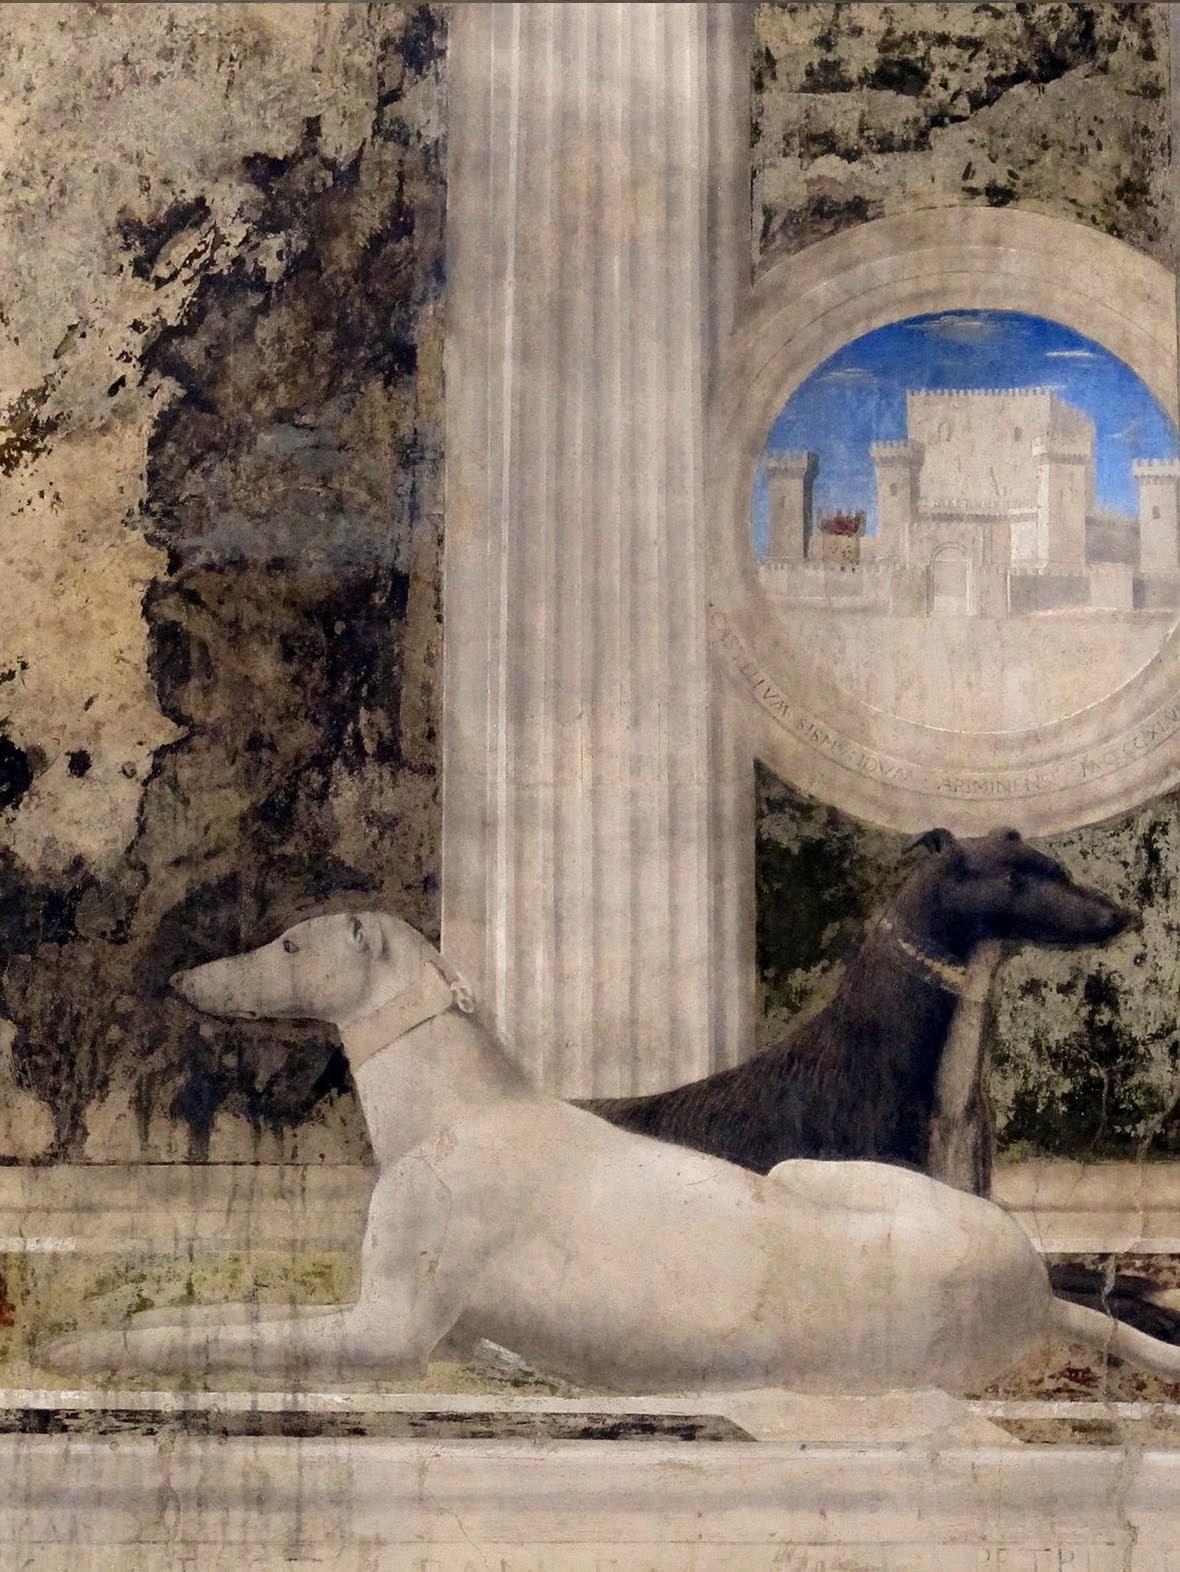 Piero della Francesca, Sigismondo Pandolfo Malatesta in preghiera davanti a san Sigismondo, 1451, cane di Sigismondo Pandolfo Malatesta e castel Sigismondo, Tempio Malatestiano, Rimini